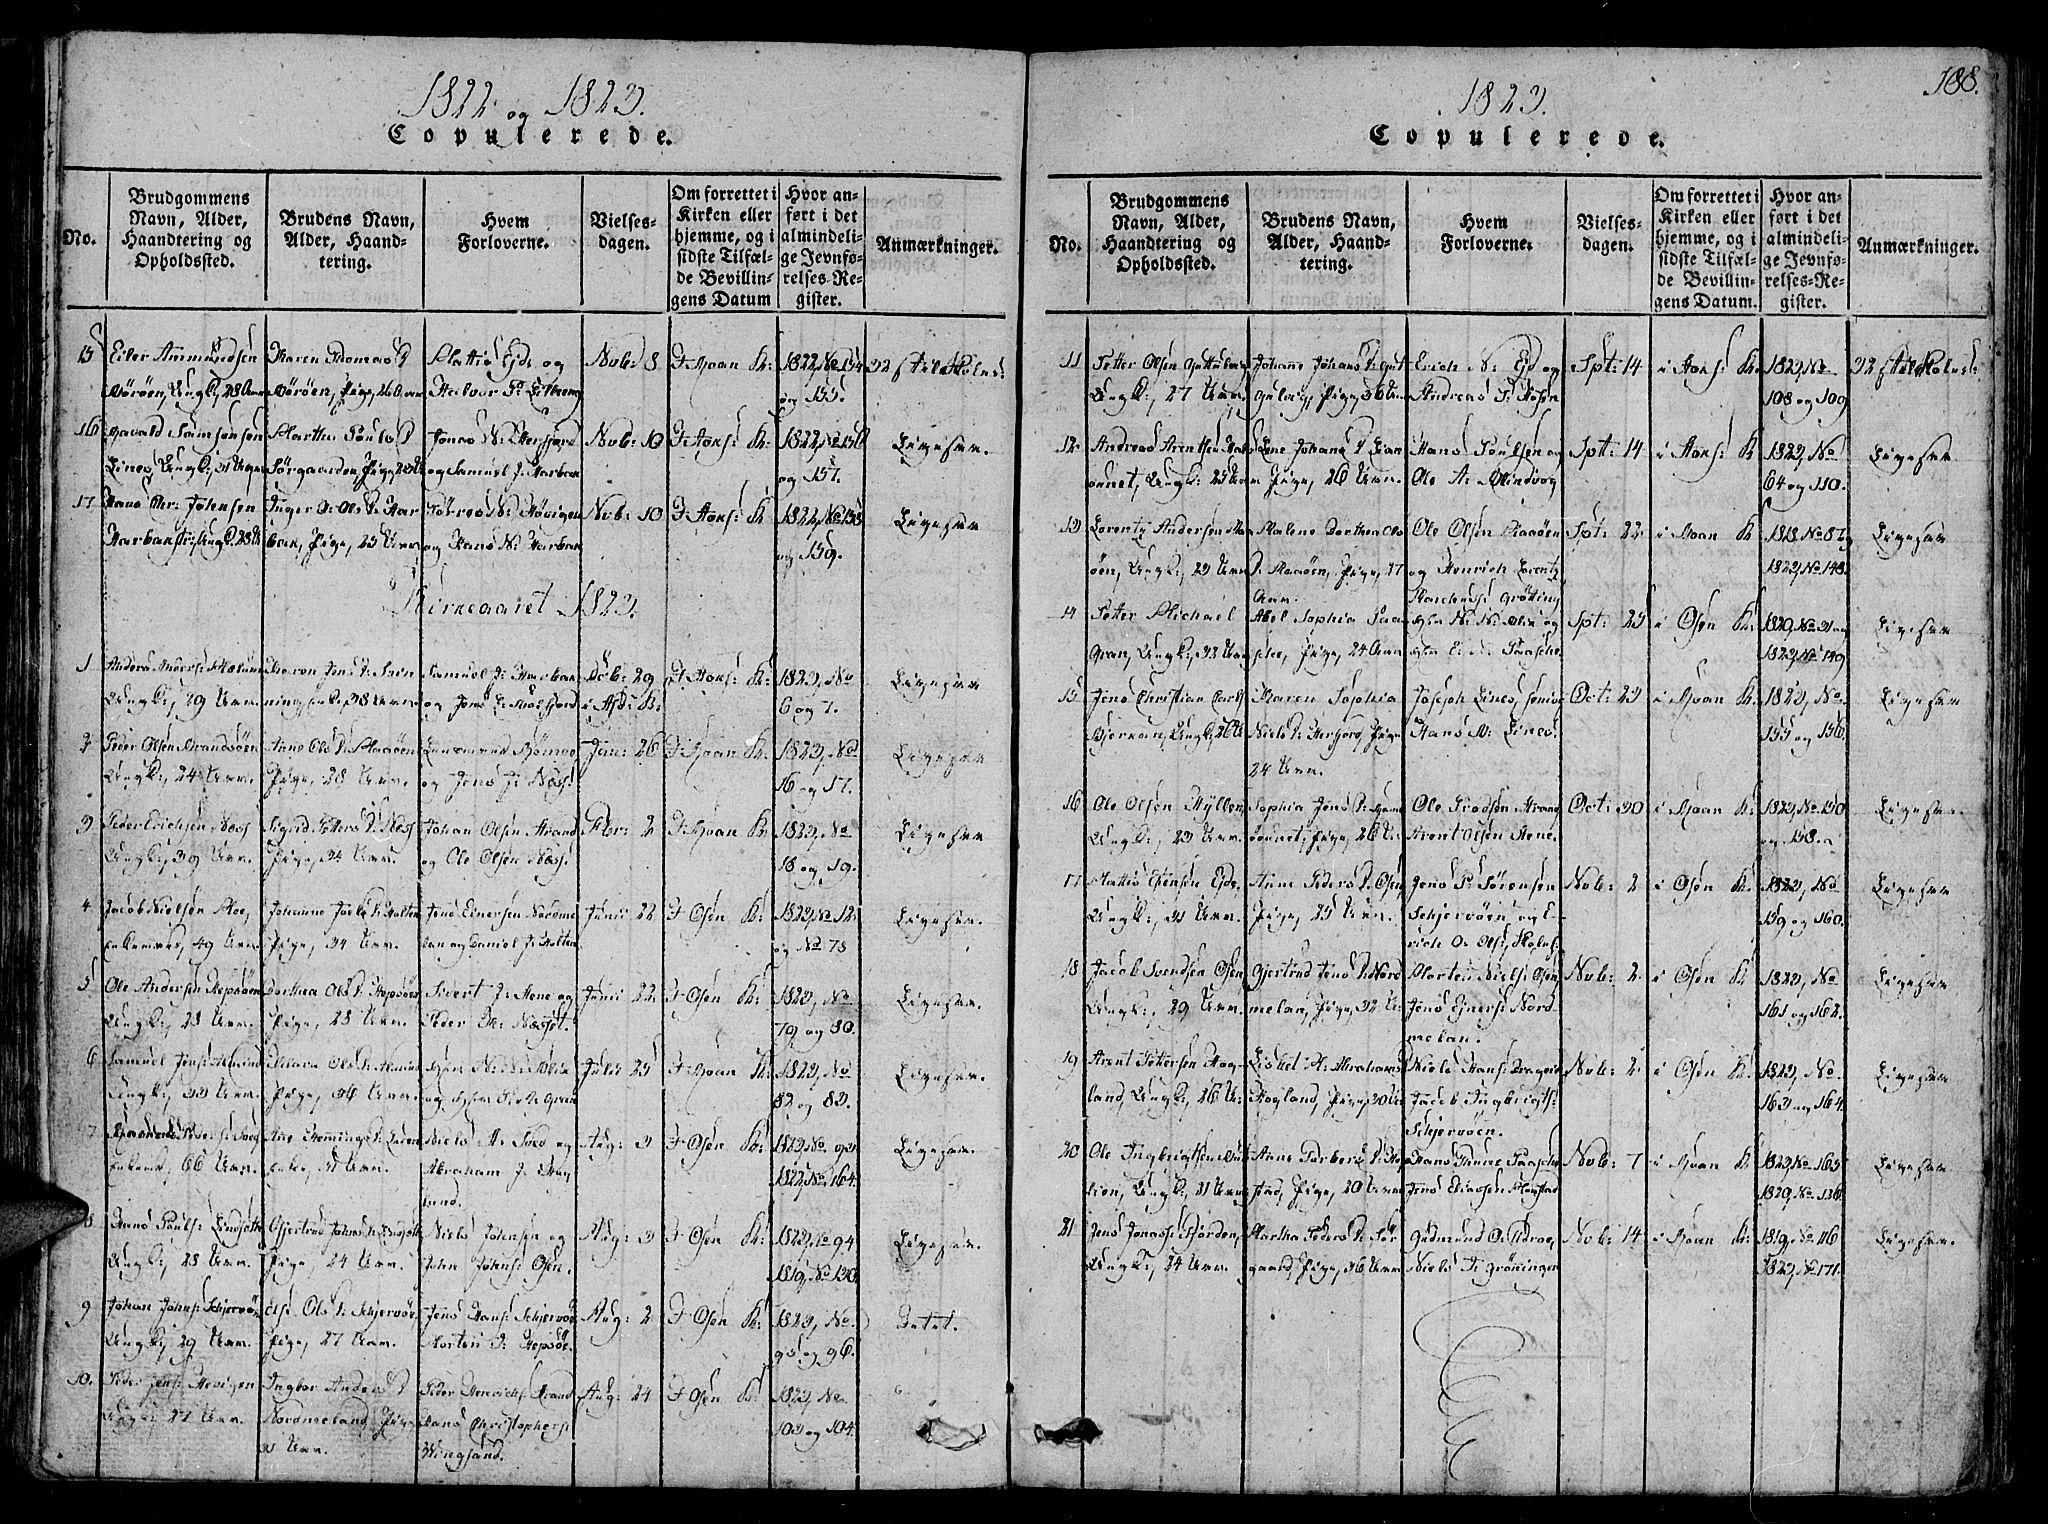 SAT, Ministerialprotokoller, klokkerbøker og fødselsregistre - Sør-Trøndelag, 657/L0702: Ministerialbok nr. 657A03, 1818-1831, s. 188